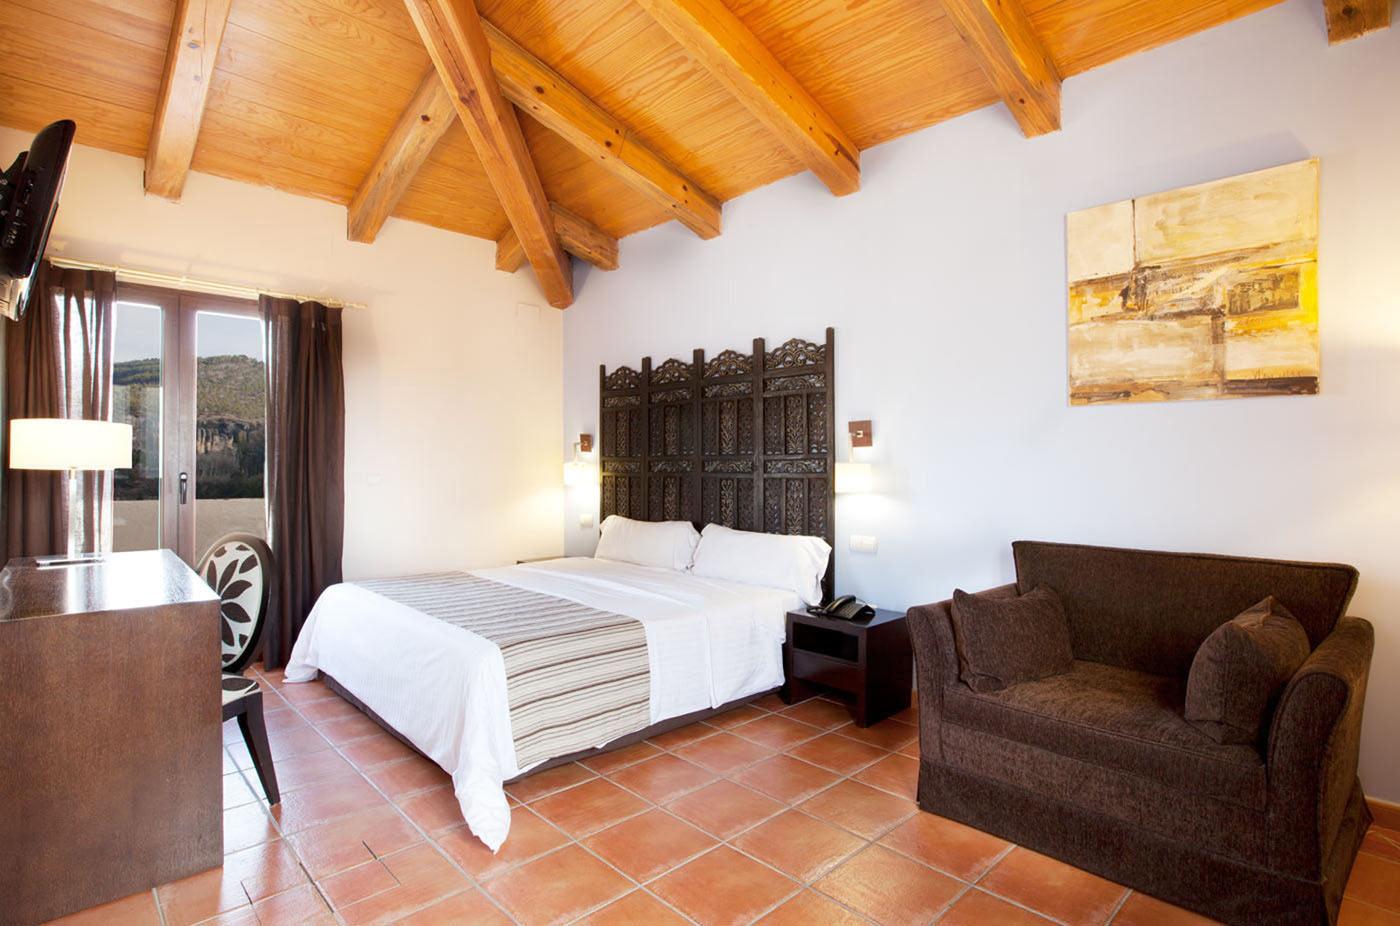 Hotel Convento del Giraldo